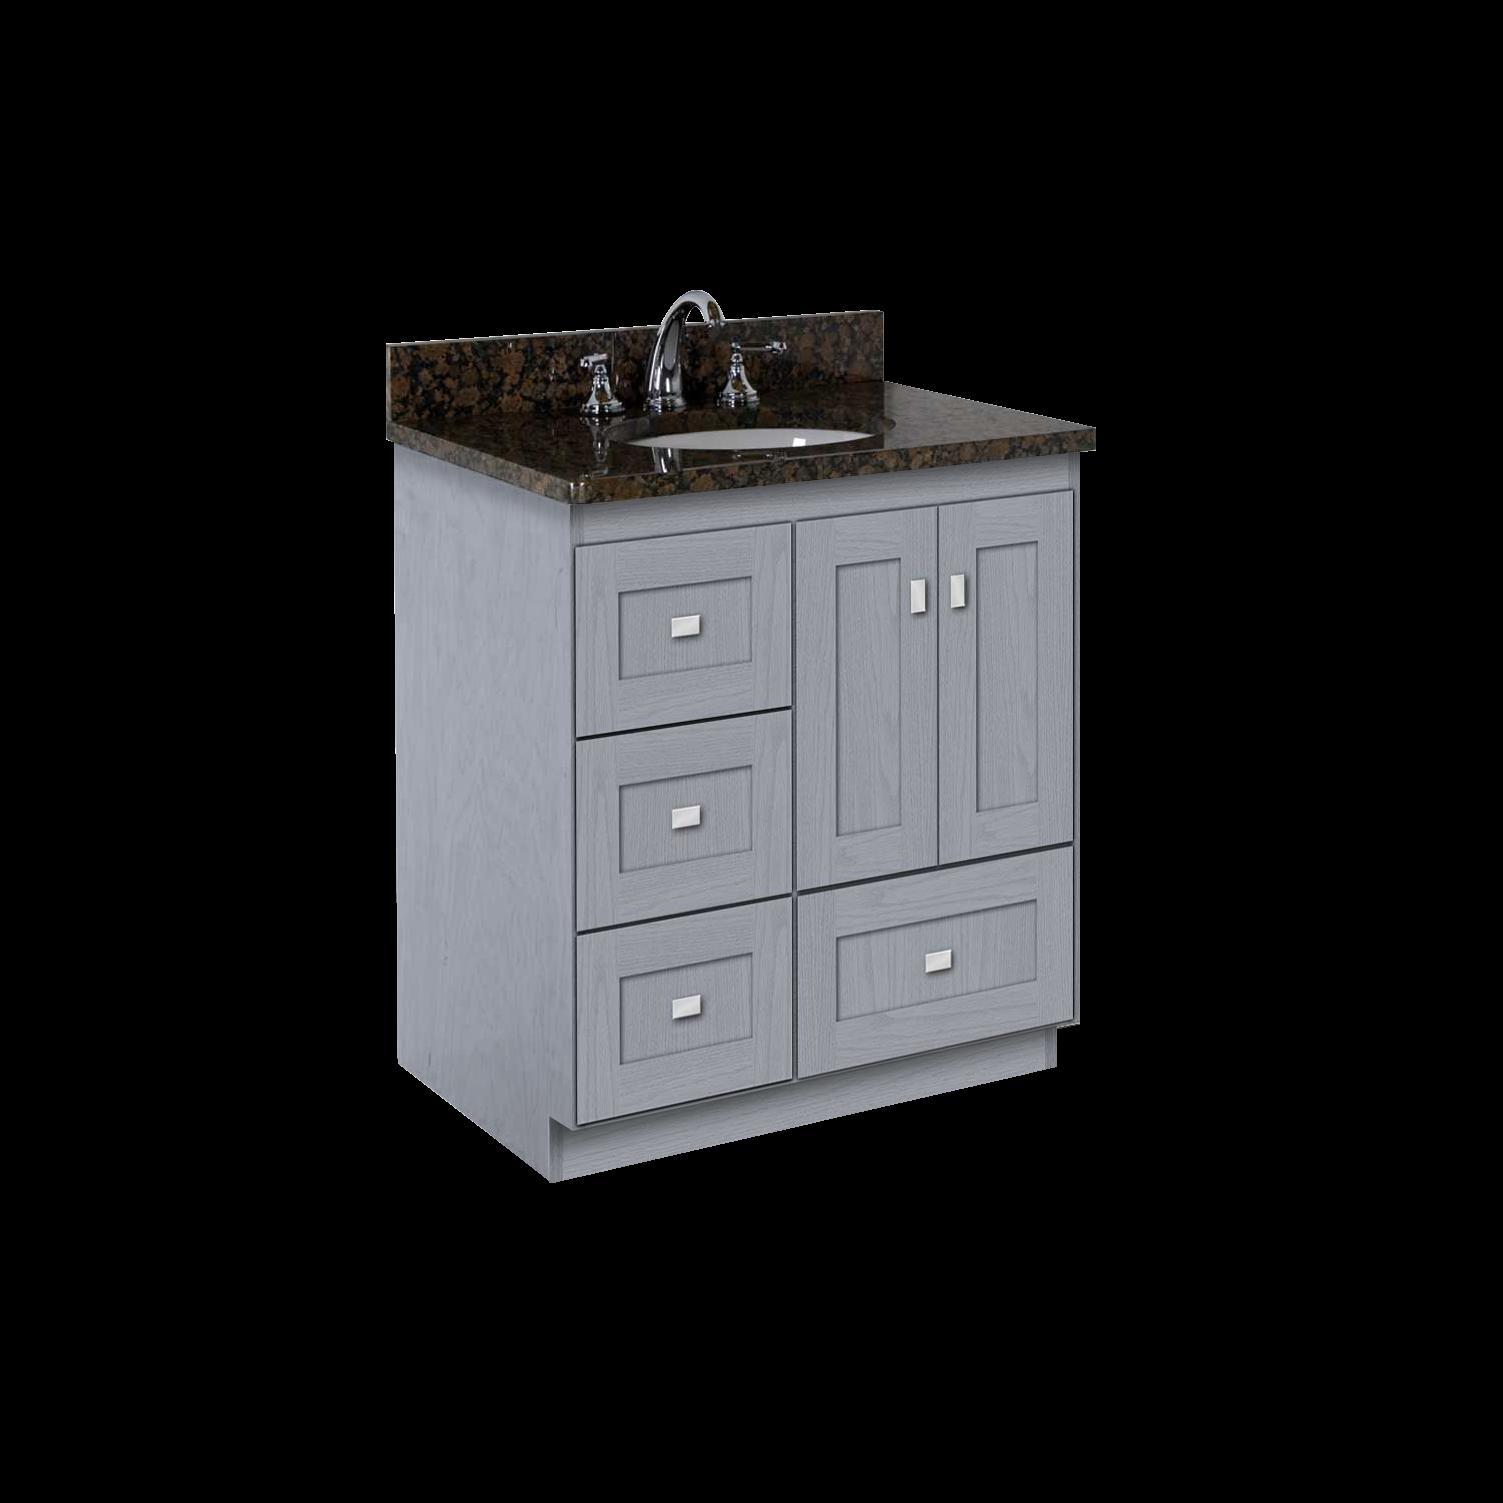 Virtu usa hazel 56 inch single sink bathroom vanity set free - Strasser Woodenworks 13 237 Montlake 30 Vanity With Shaker Doors